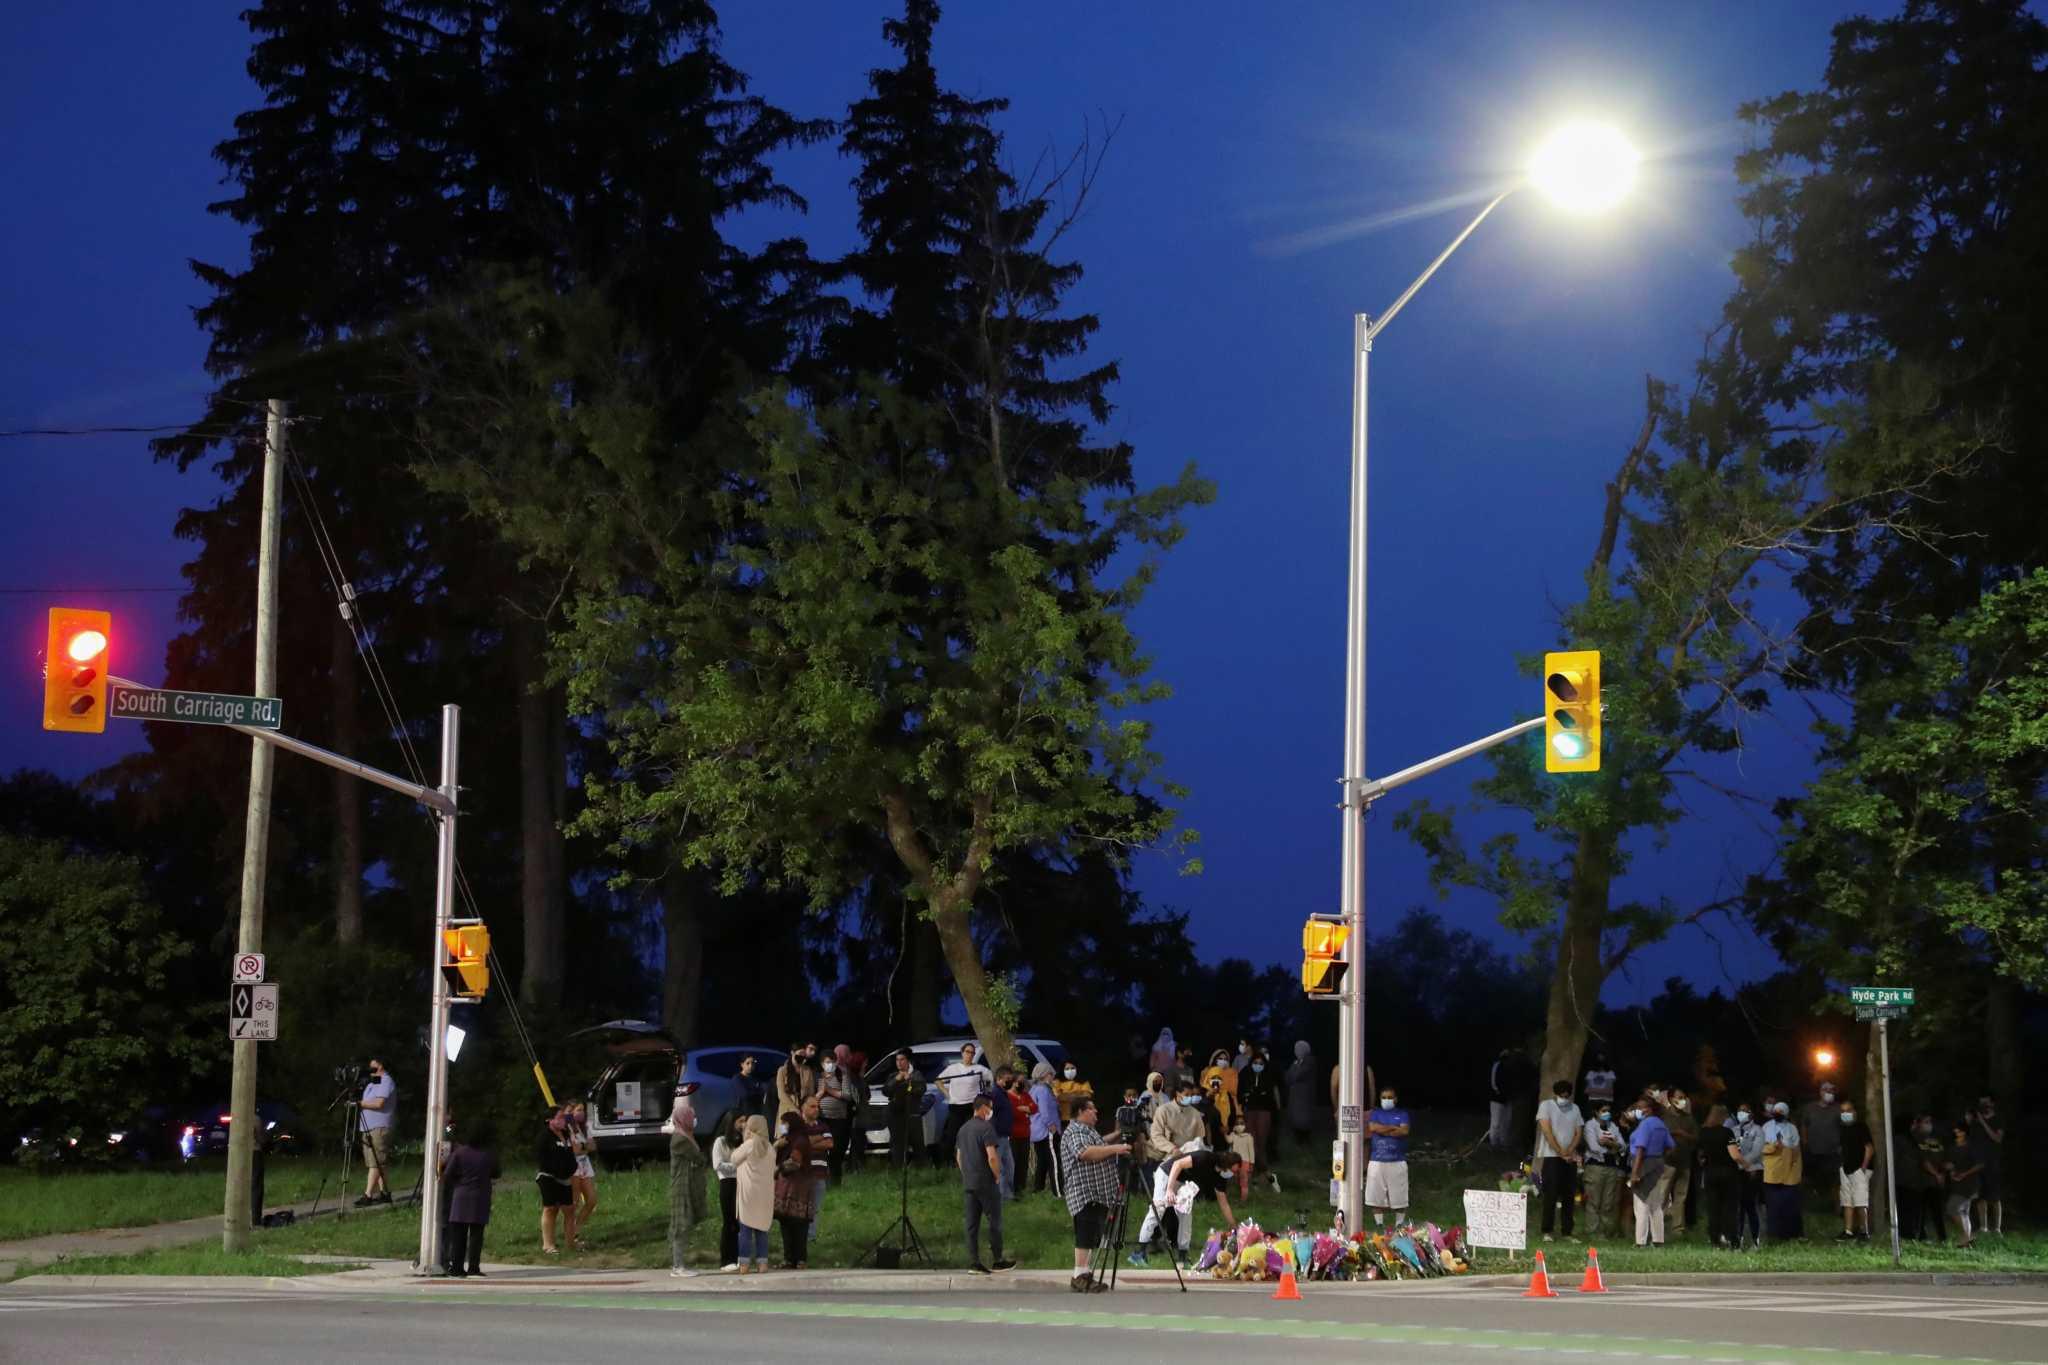 Καναδάς: Προμελετημένο το ξεκλήρισμα της οικογένειας μουσουλμάνων από τον 20χρονο